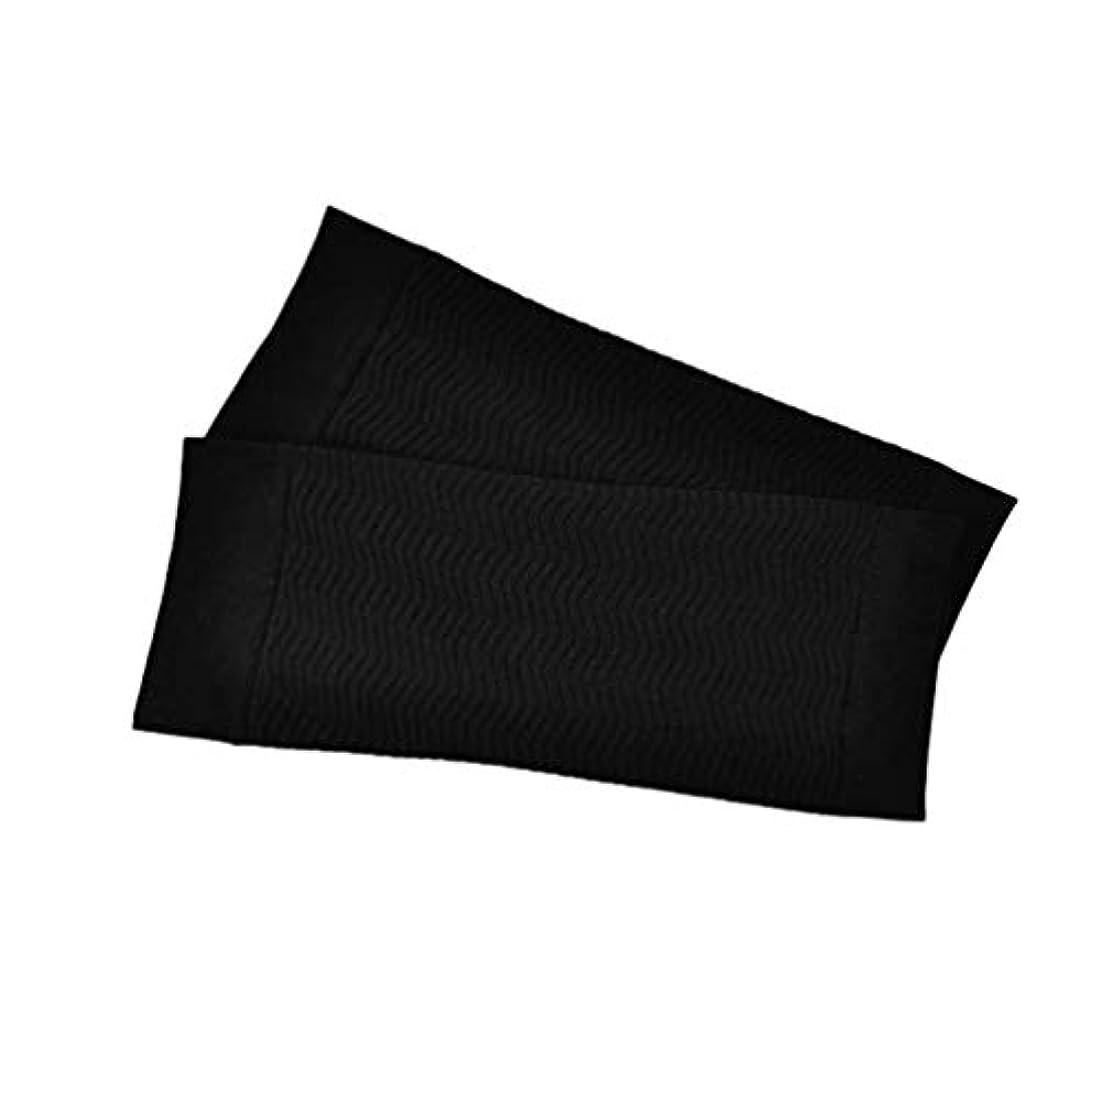 フィットネス純粋な水差し1ペア680 D圧縮アームシェイパーワークアウトトーニングバーンセルライトスリミングアームスリーブ脂肪燃焼半袖用女性 - ブラック